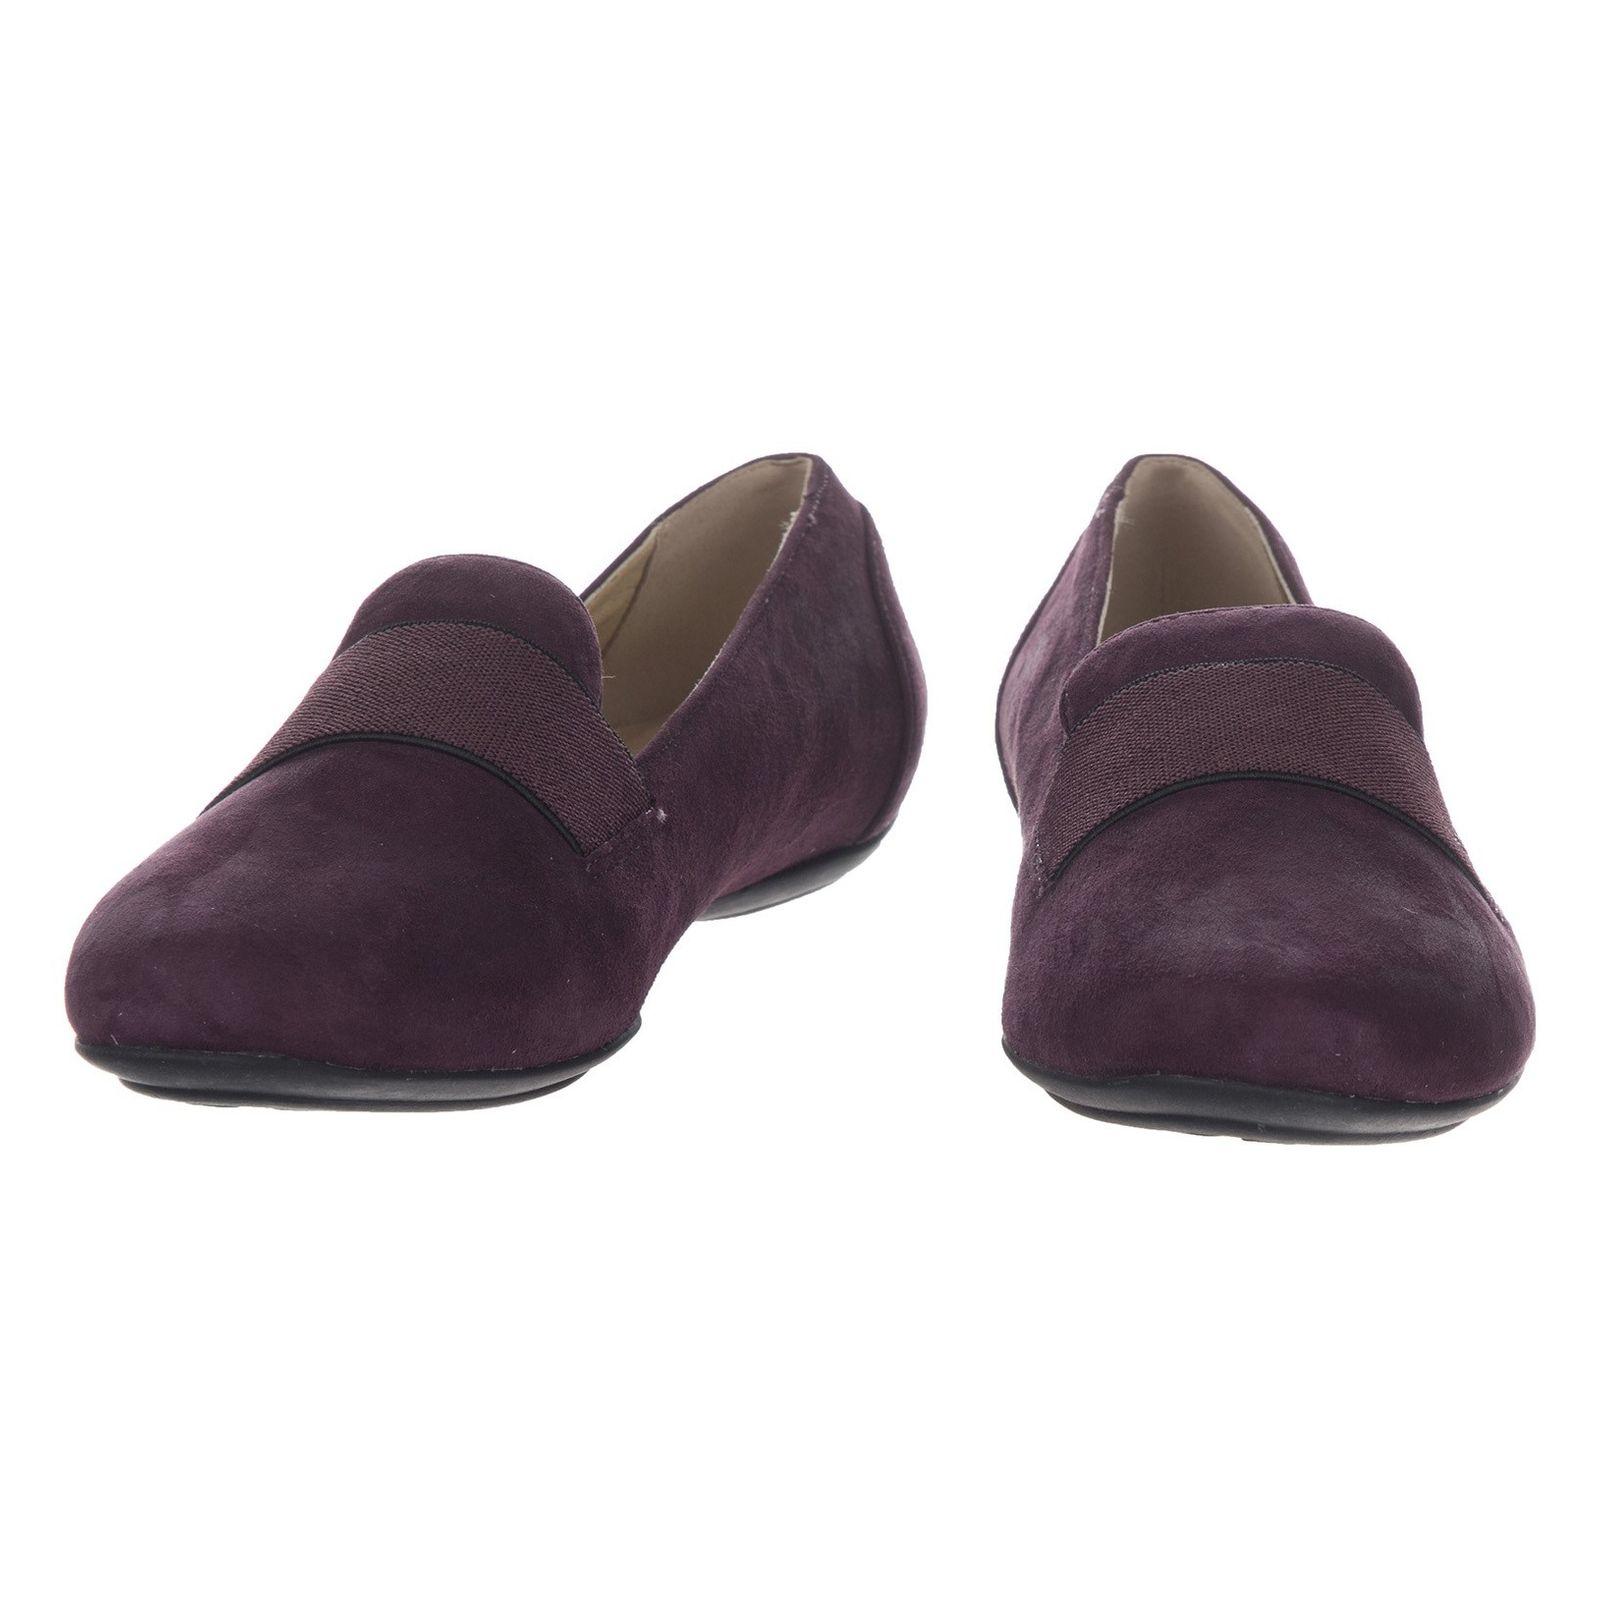 کفش تخت زنانه جی اوکس مدل D34Y7J-00021-C8017 - بنفش - 5